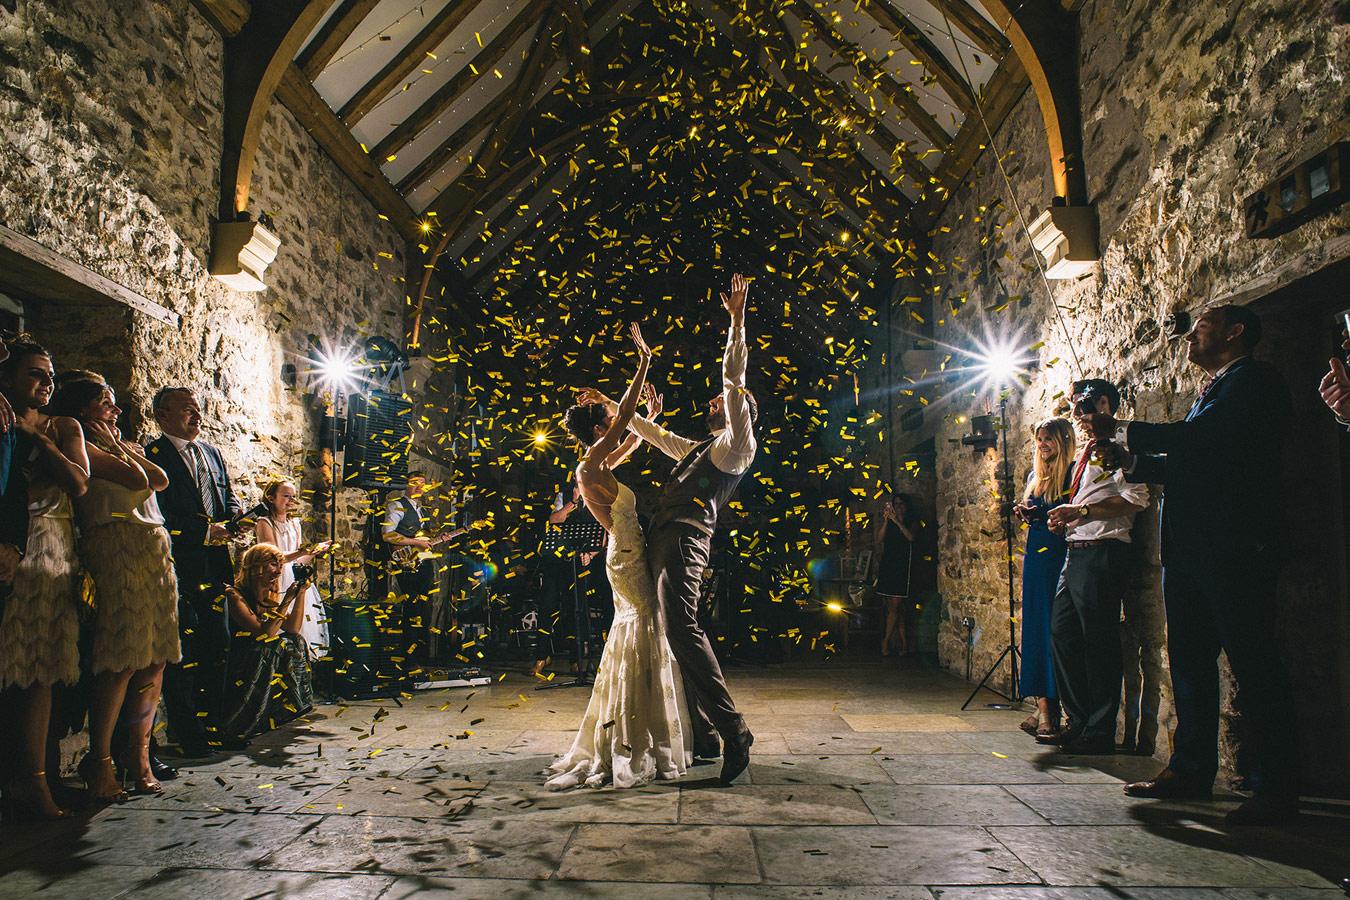 Пауло Сантос, Великобритания / Paulo Santos, UK, 2-е место в категории «Свадебная встреча», Конкурс свадебной фотографии Rangefinder